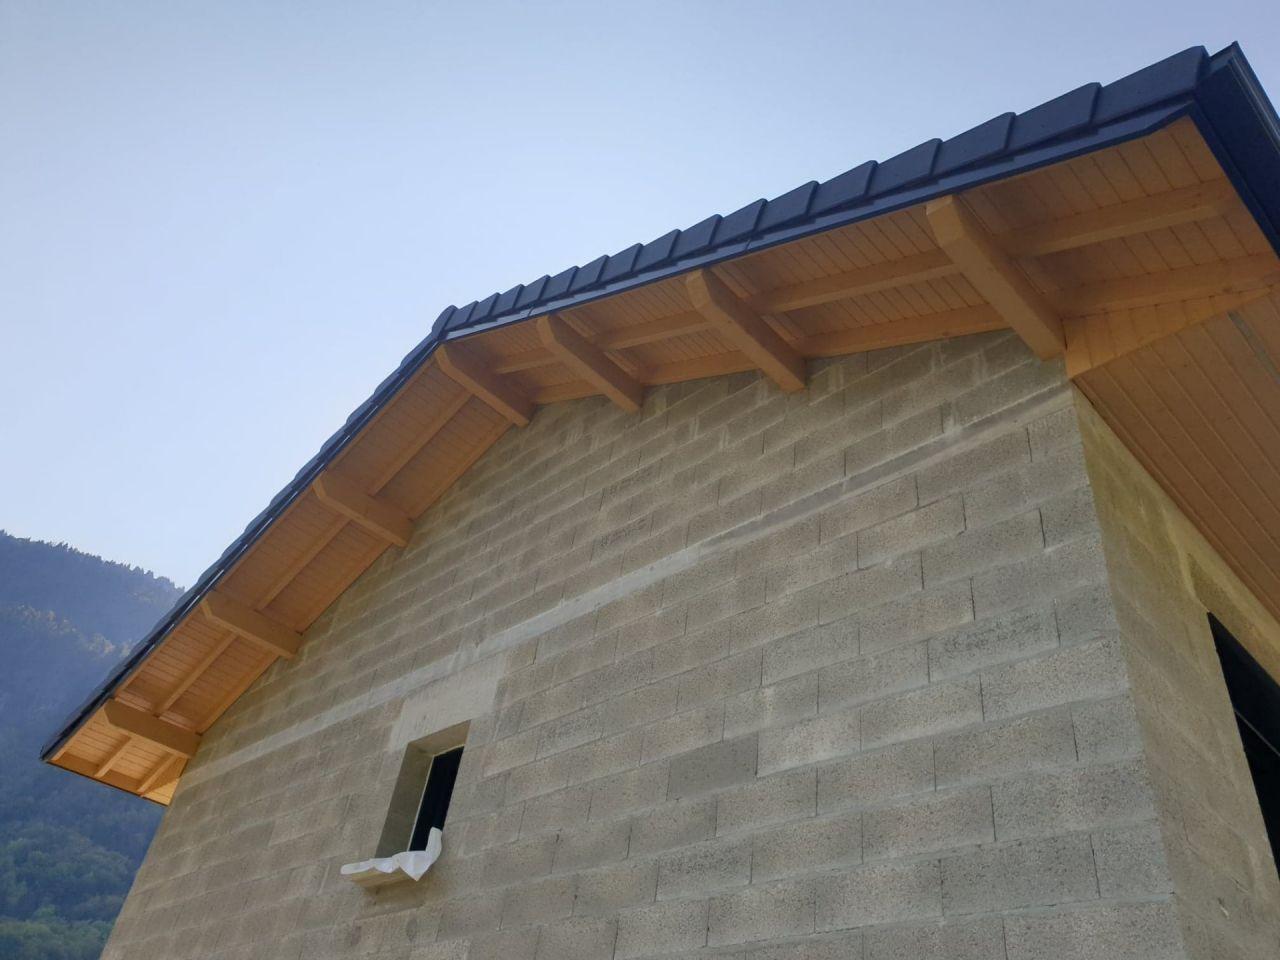 peinture des débords de toit, couleur bûche.